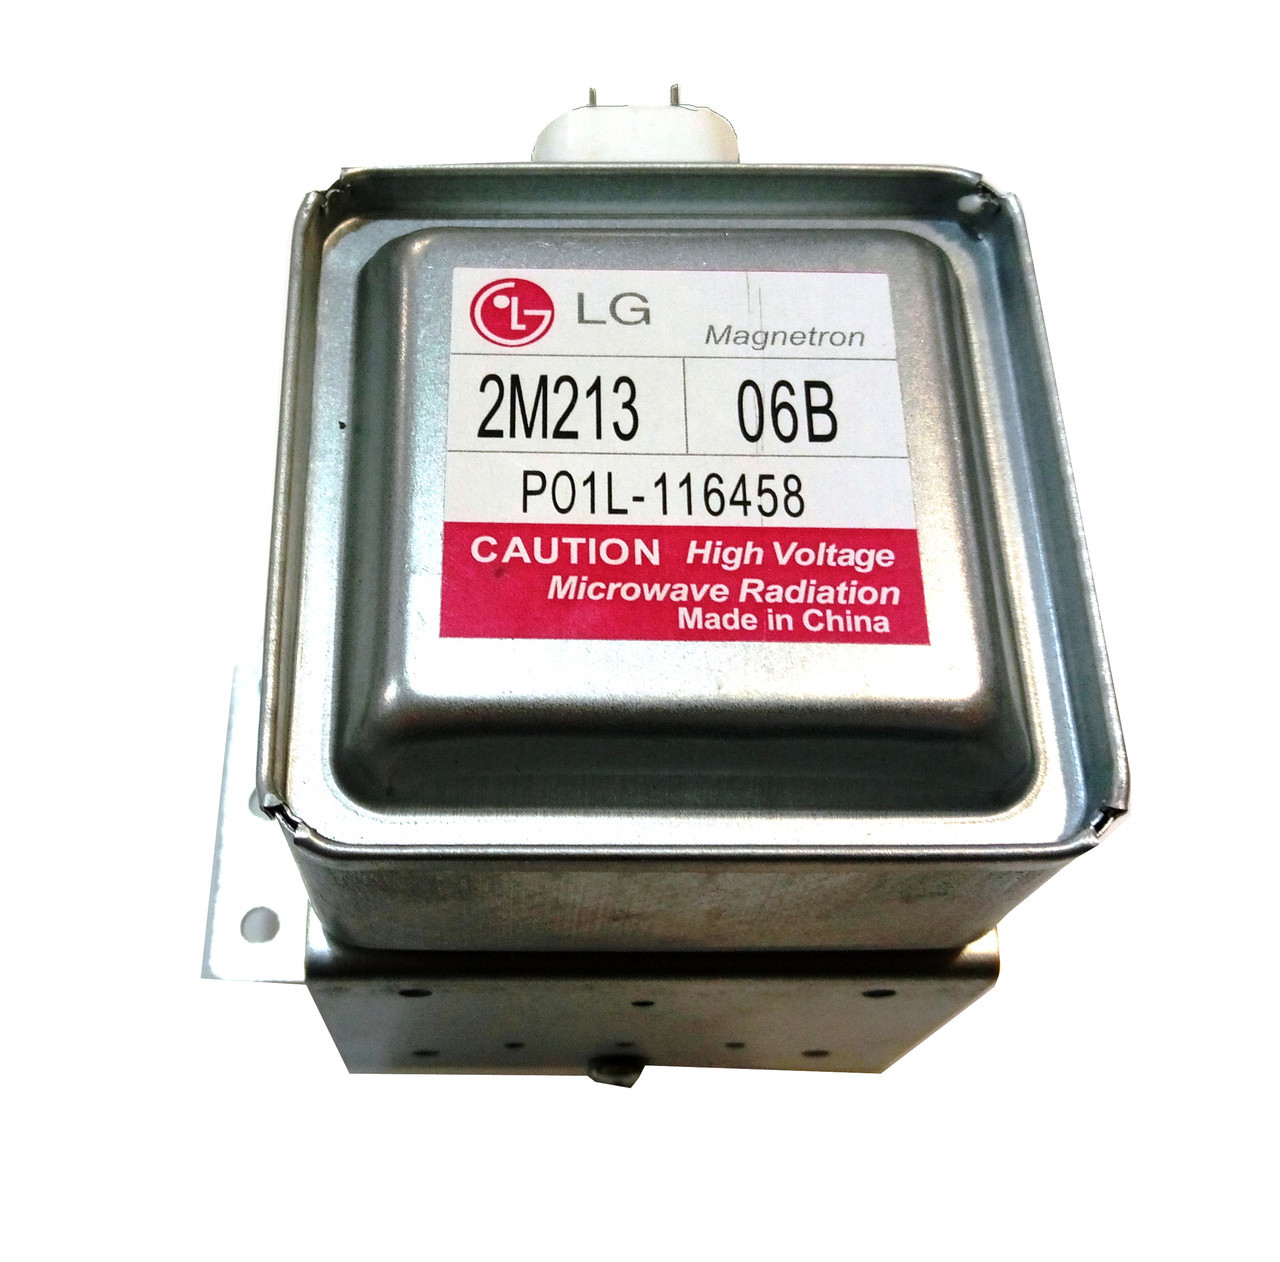 Магнетрон для микроволновой печи LG 2M 213 06B P01L-116458